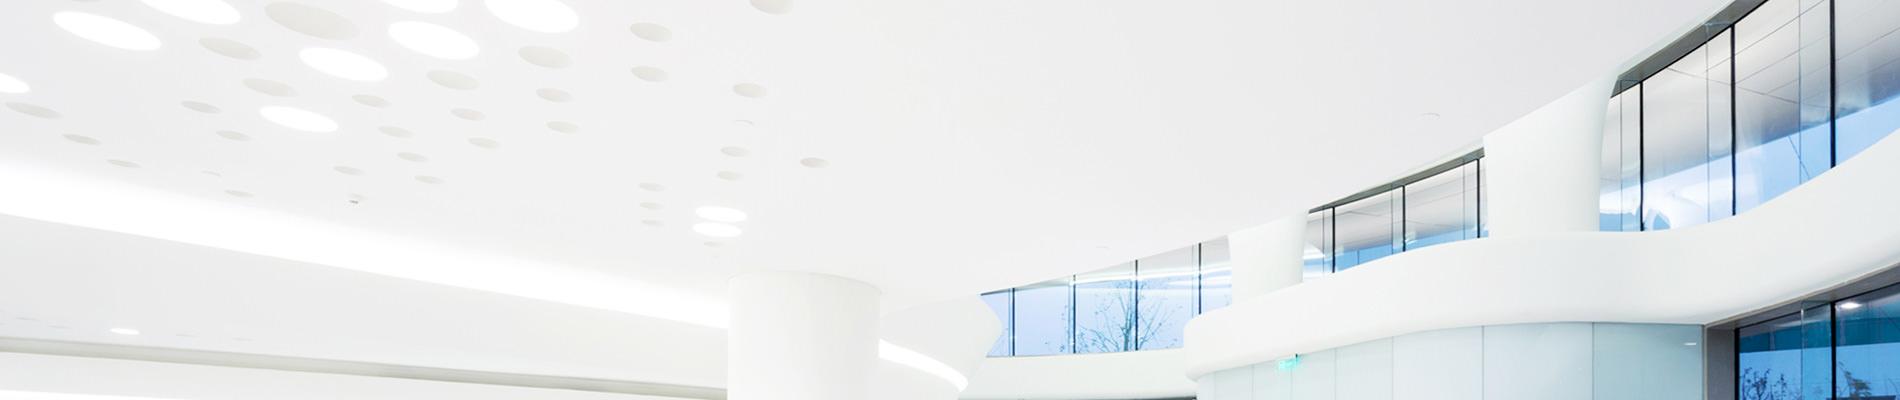 Wabeko Büro Lösungen in Ulm, Neu-Ulm LED Lösungen